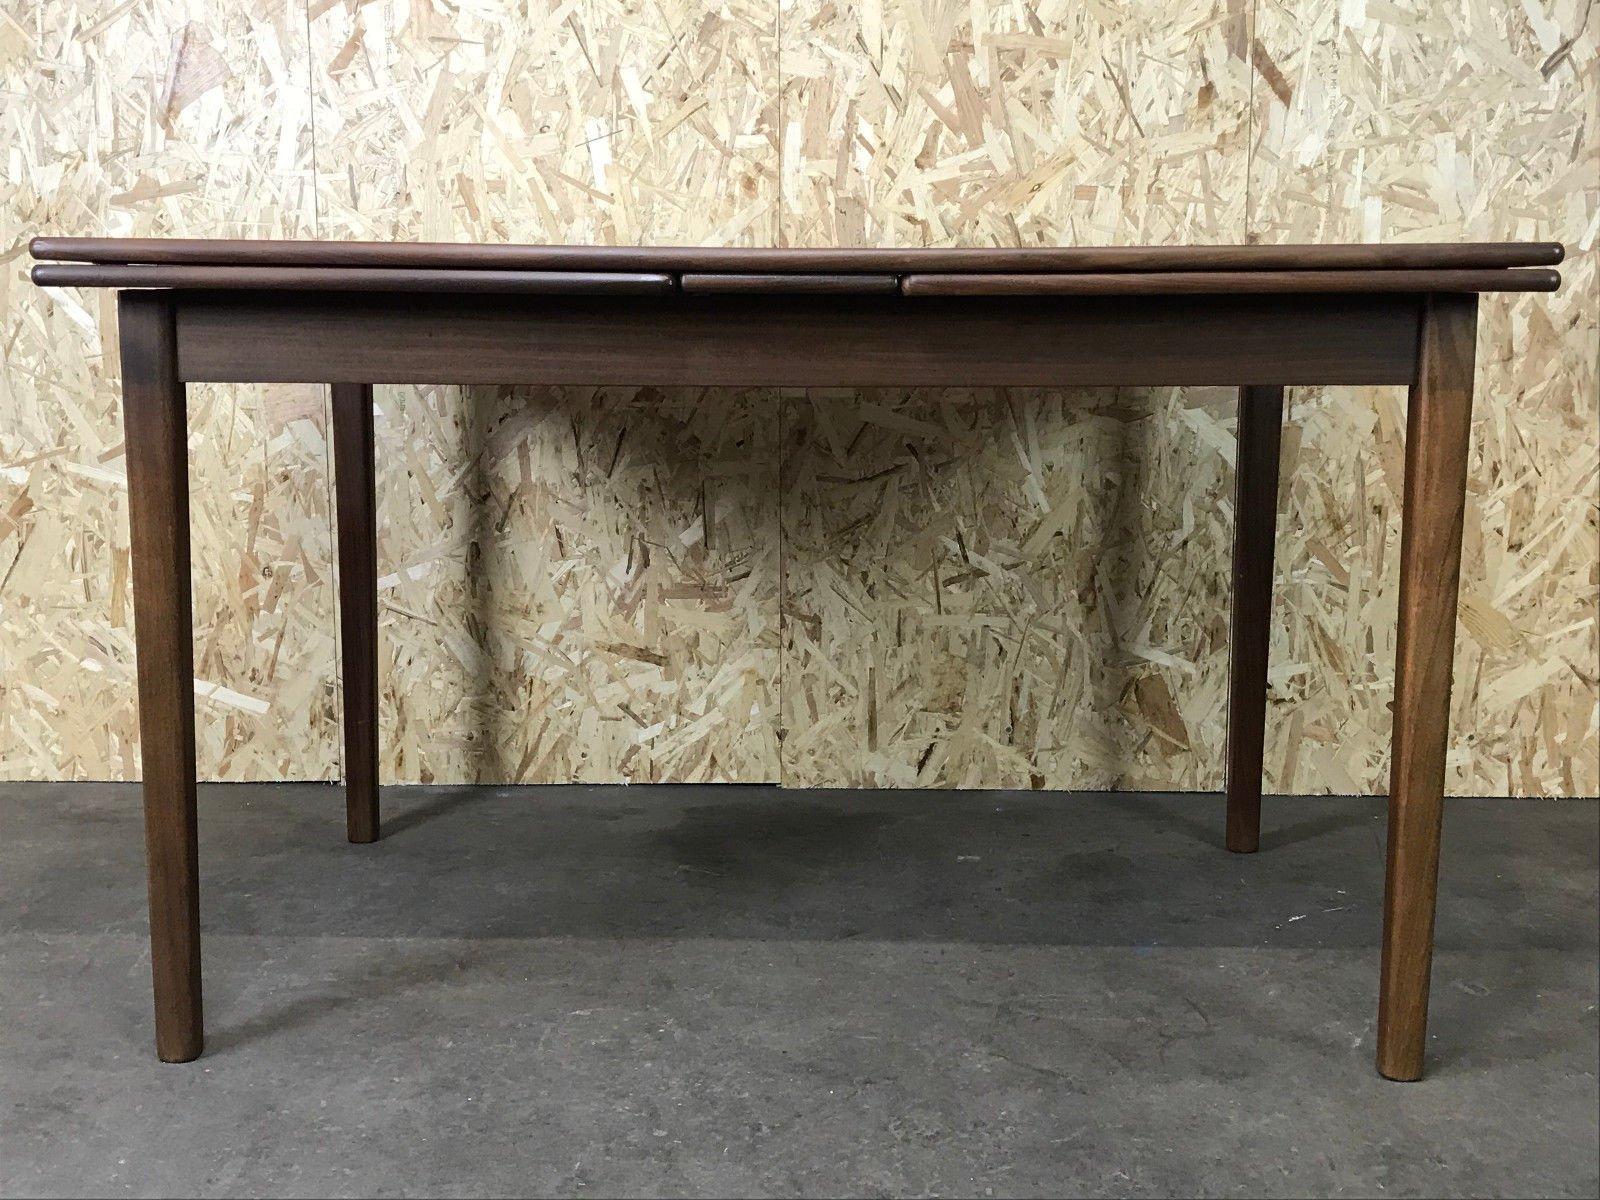 Tavoli Da Parete Allungabili : Tavolo da parete allungabile cheap tavolo allungabile nordik with